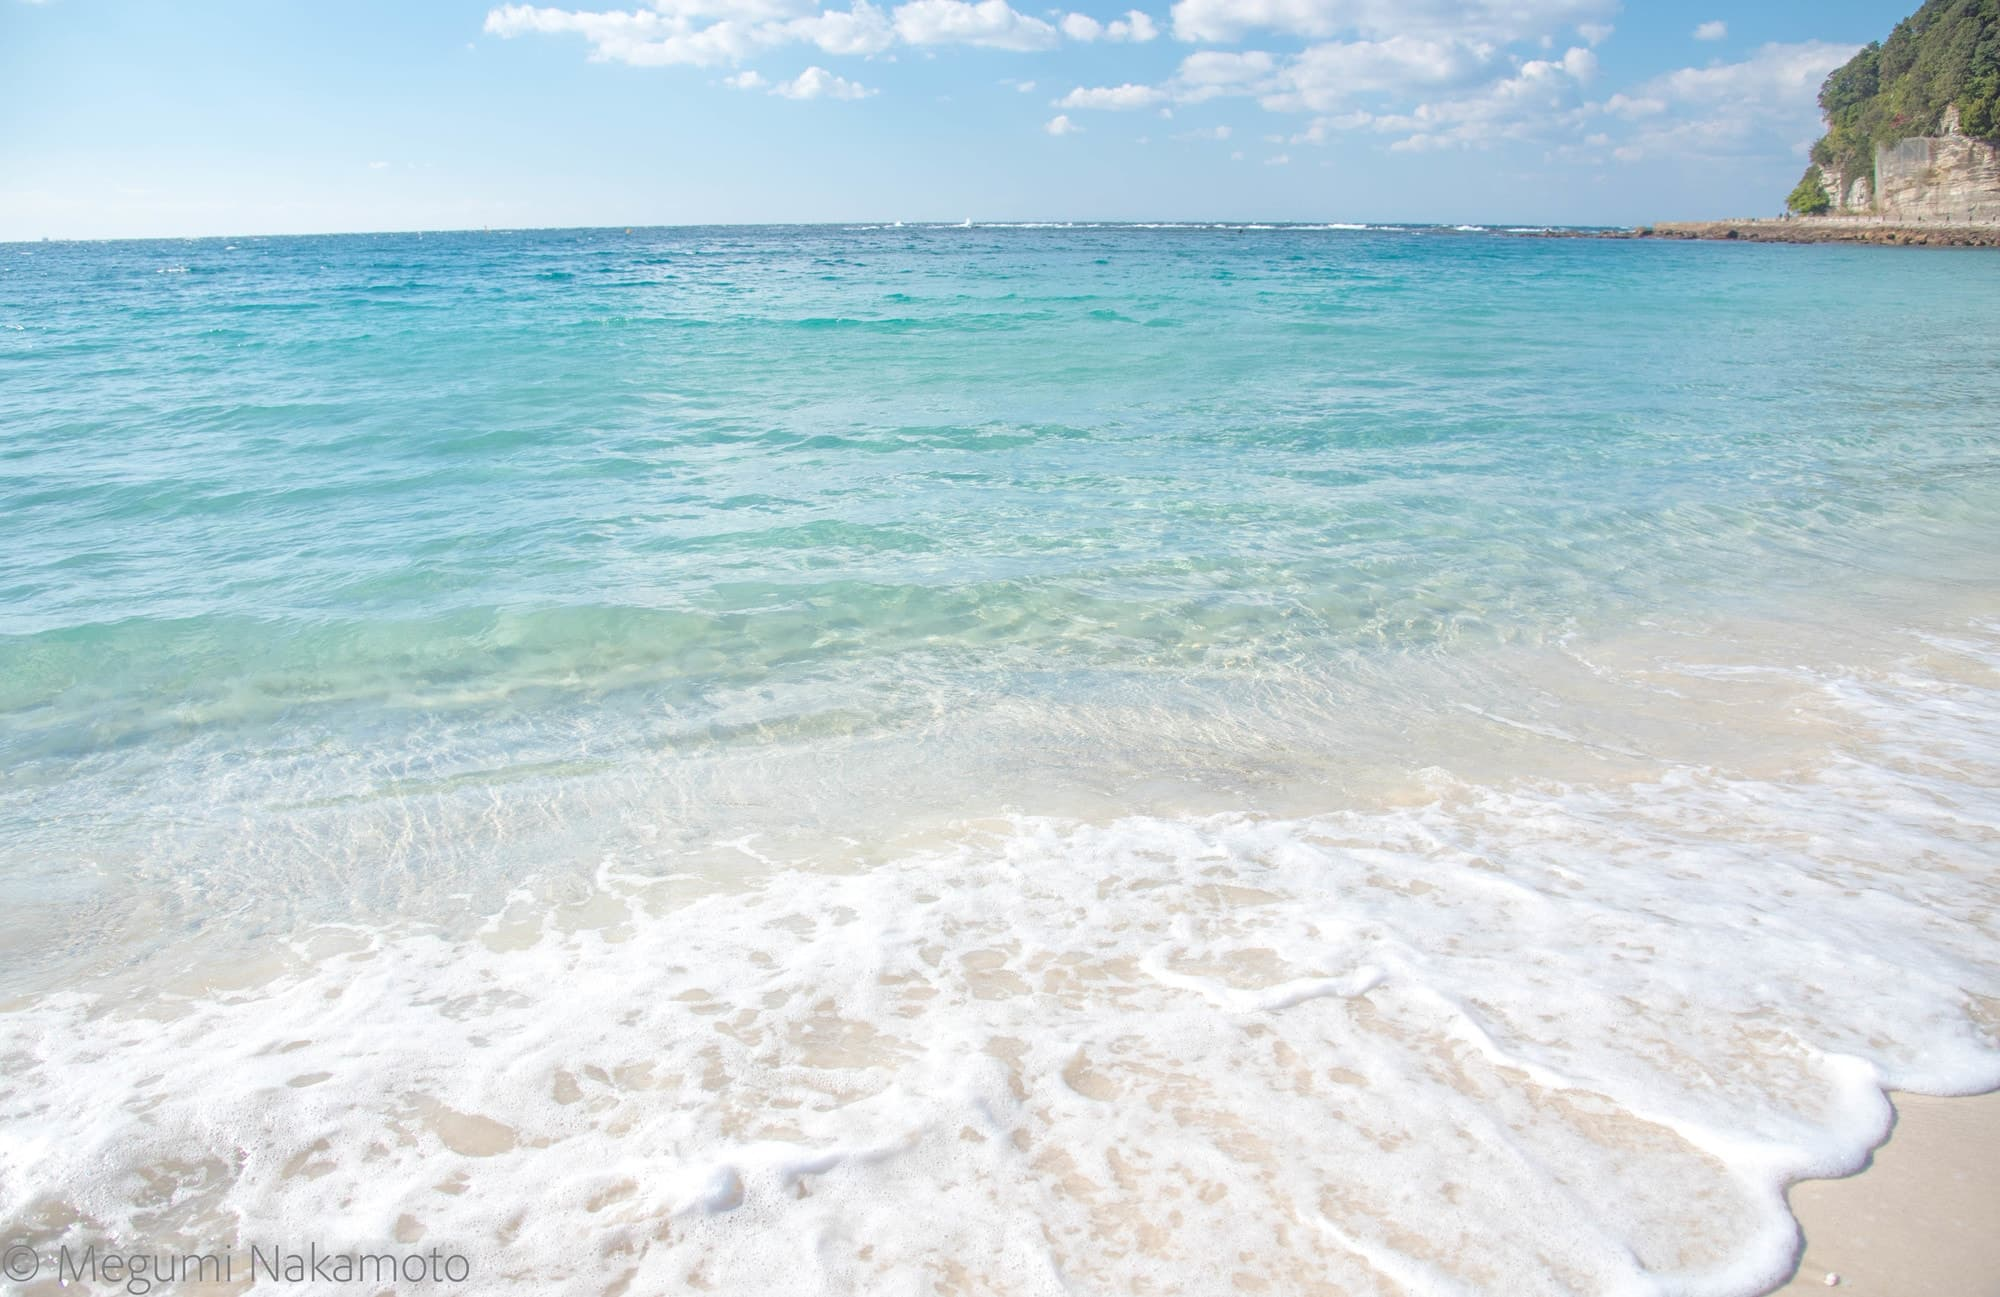 有着清澈透明大海与白色沙滩的白良滨